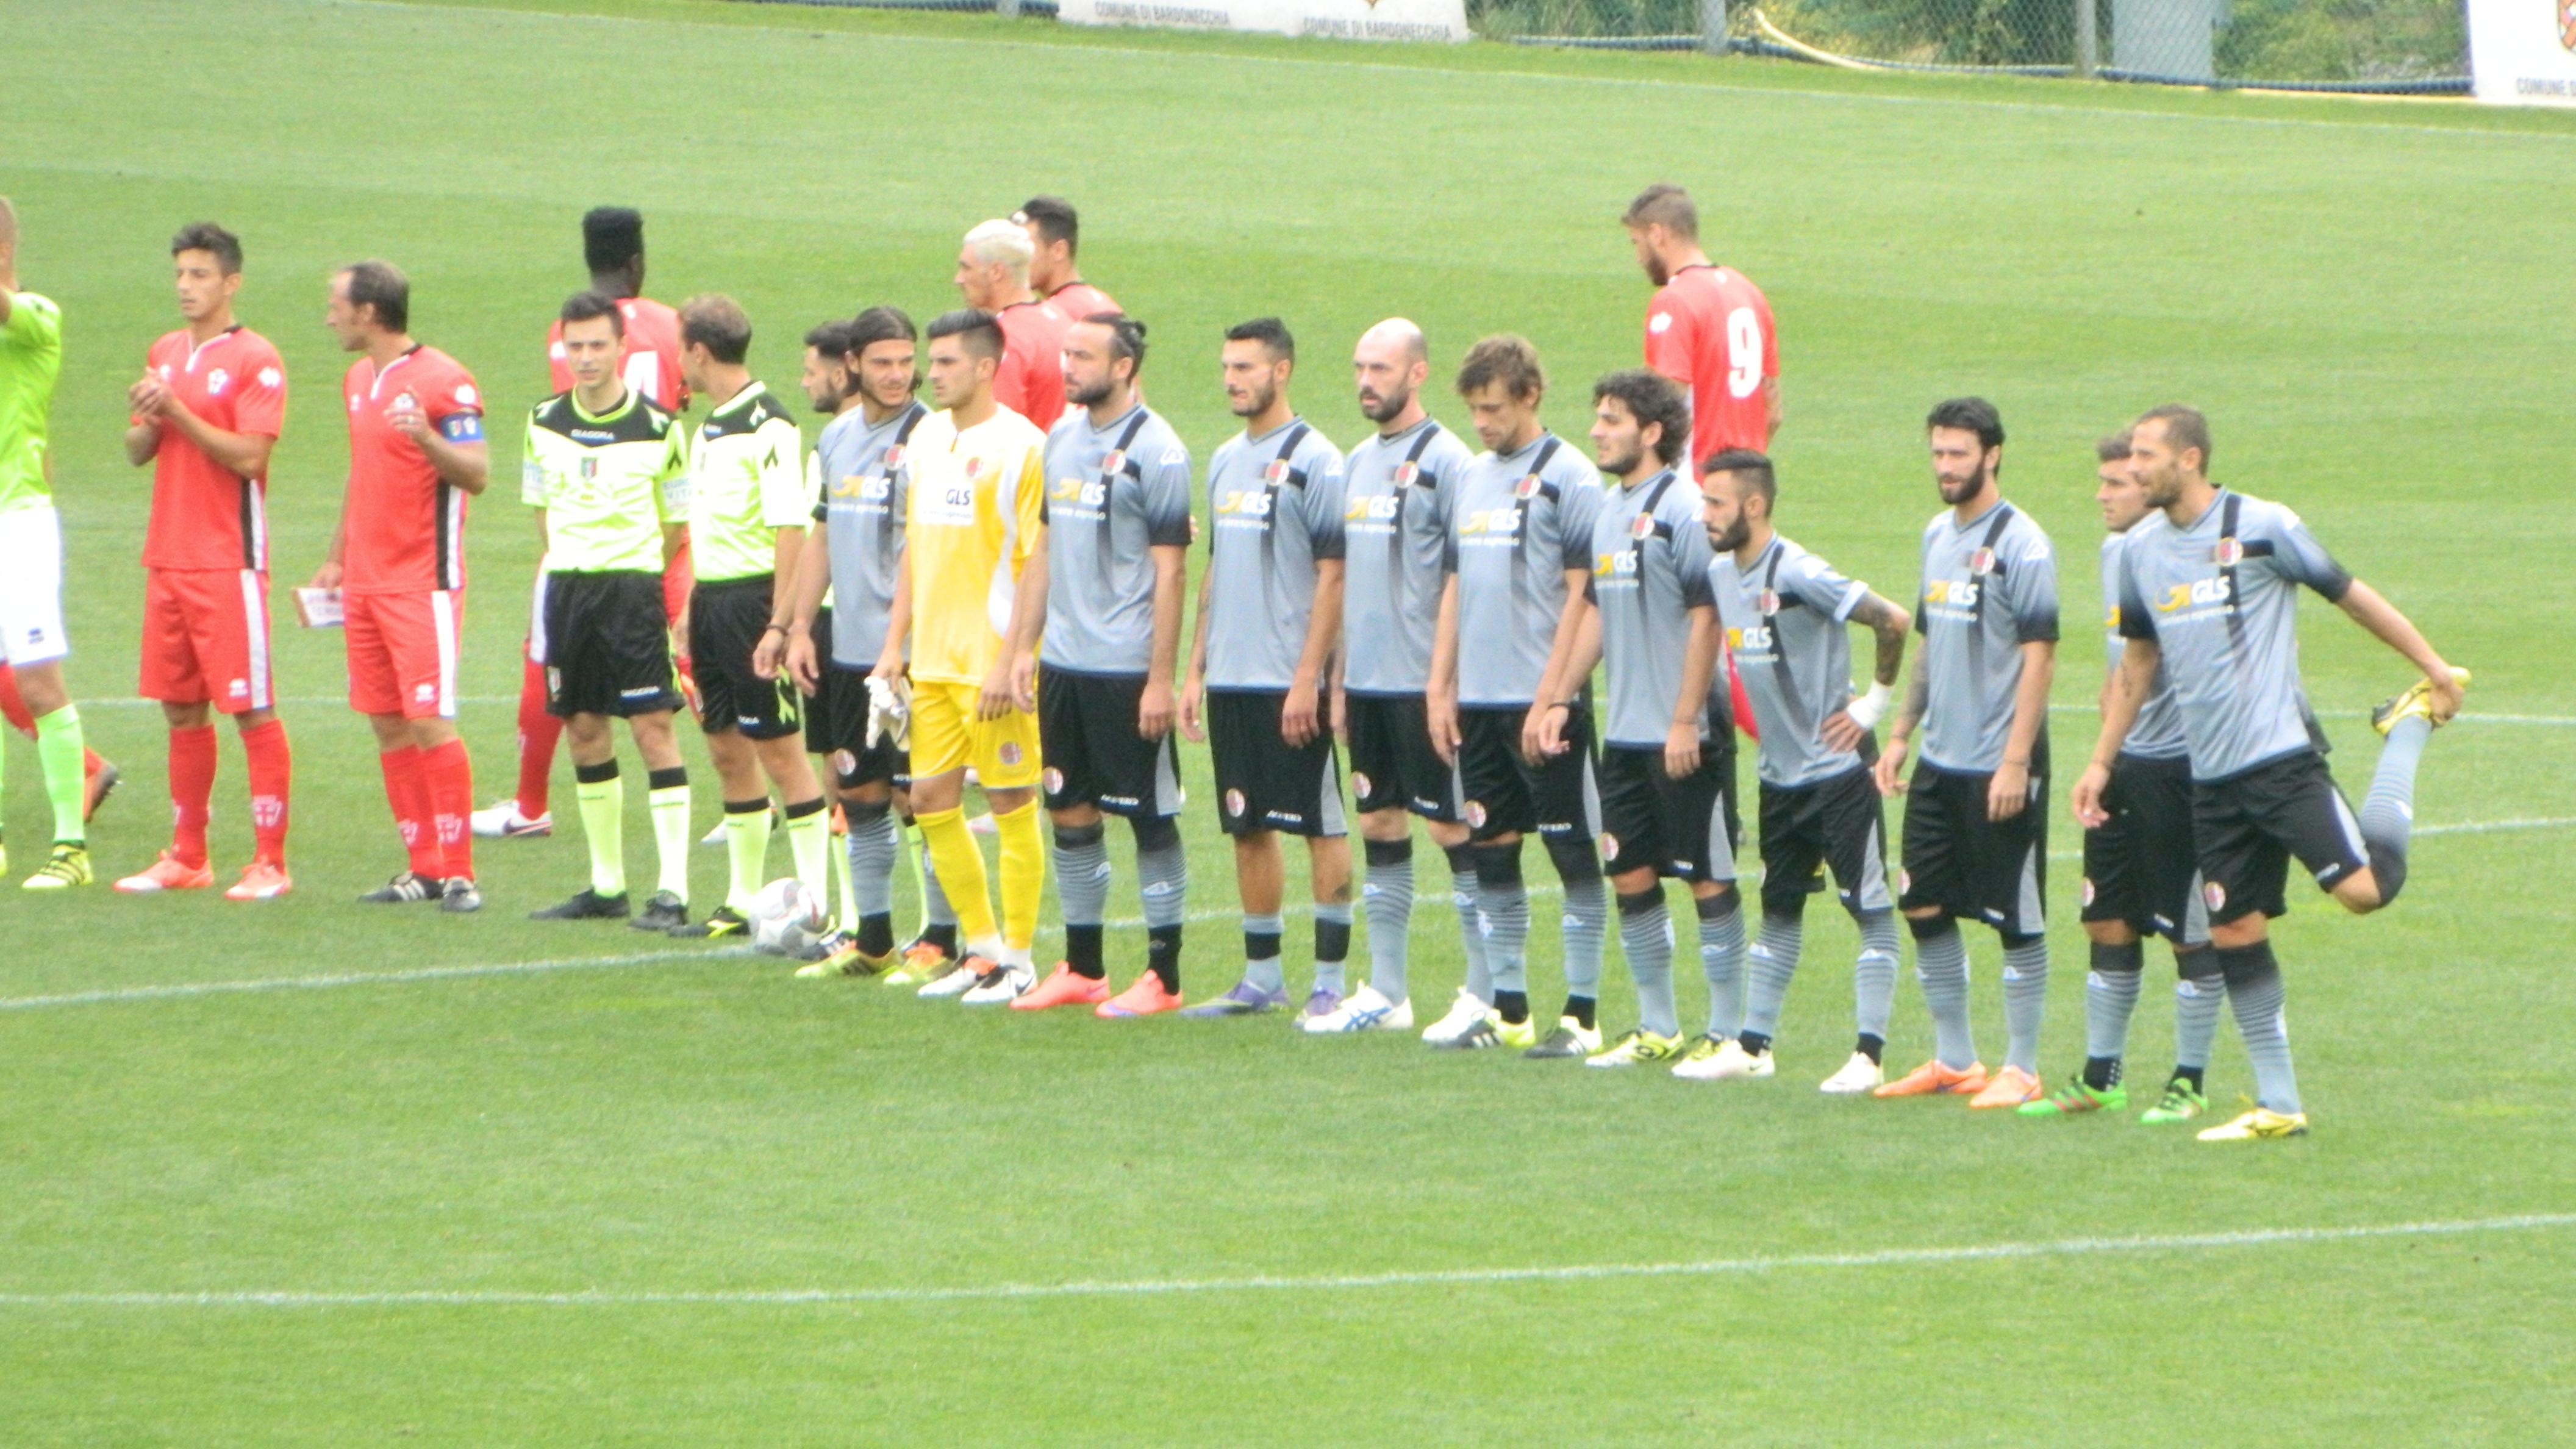 Alessandria-Pro Vercelli_Bardonecchia_23_07_2016 (5)